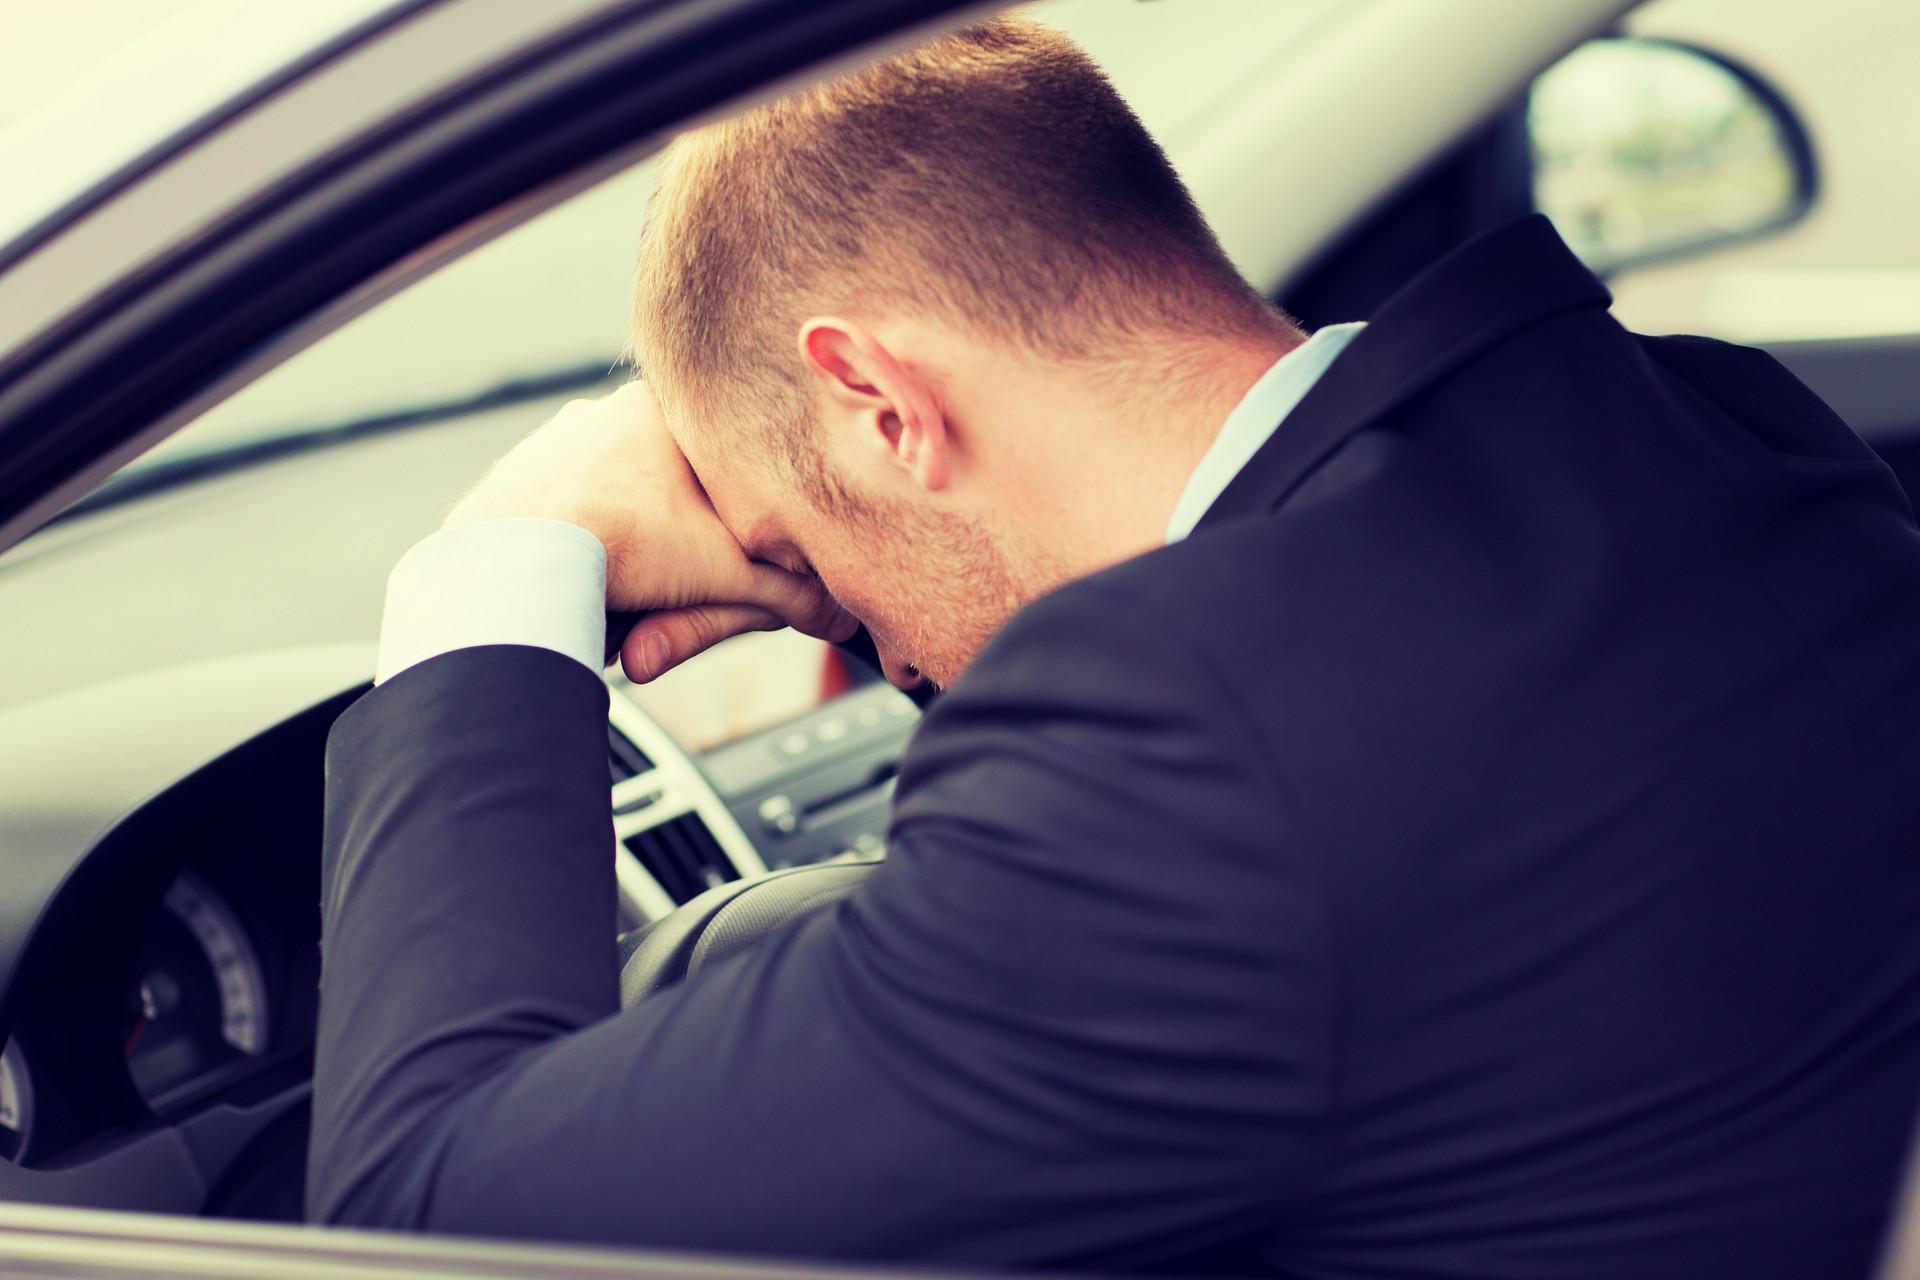 意外保险理赔流程及赔偿范围